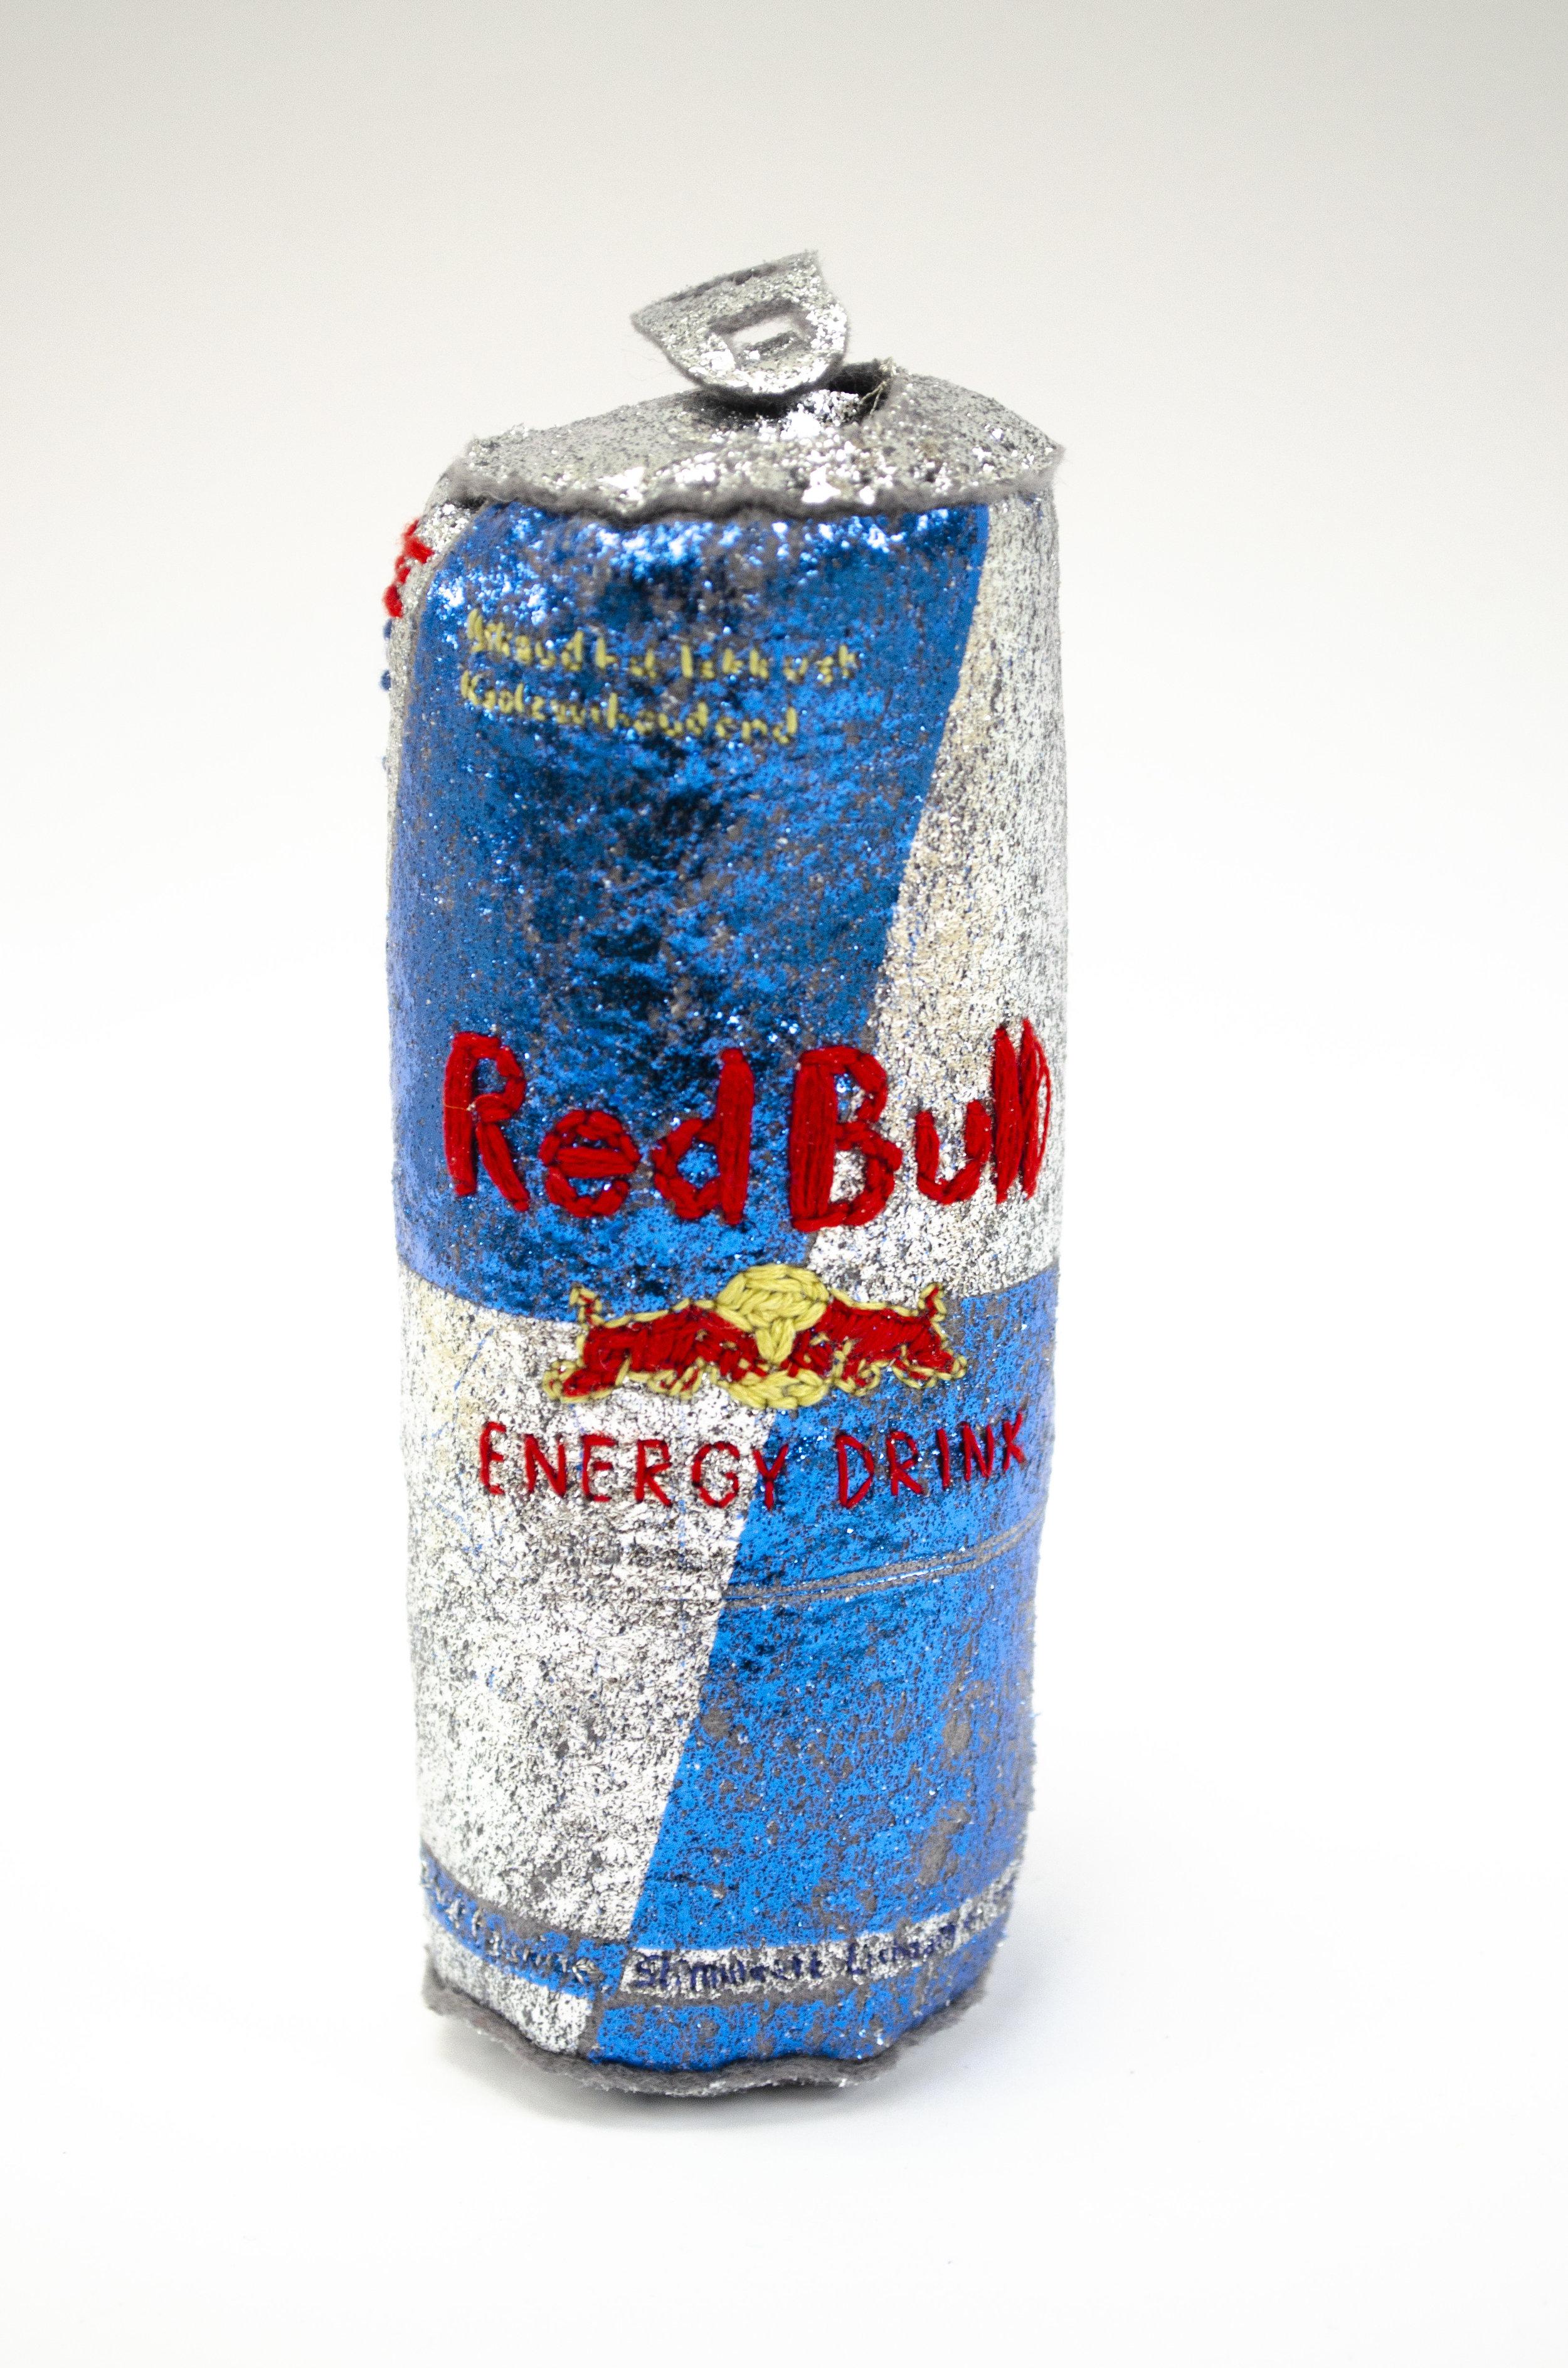 Red Bull_1.JPG